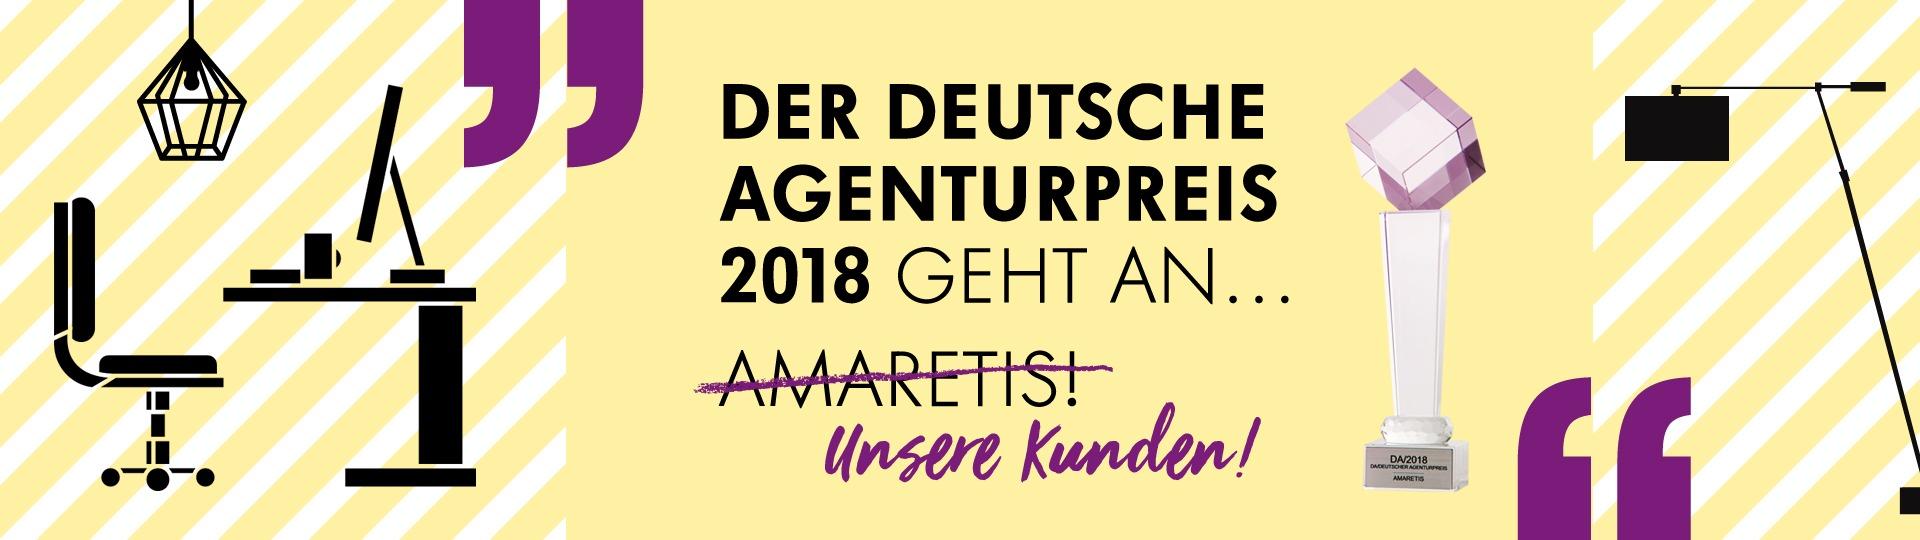 Amaretis Agentur für Kommunikation Werbeagentur Göttingen blog Deutsche Agenturpreis-Gewinner 2018